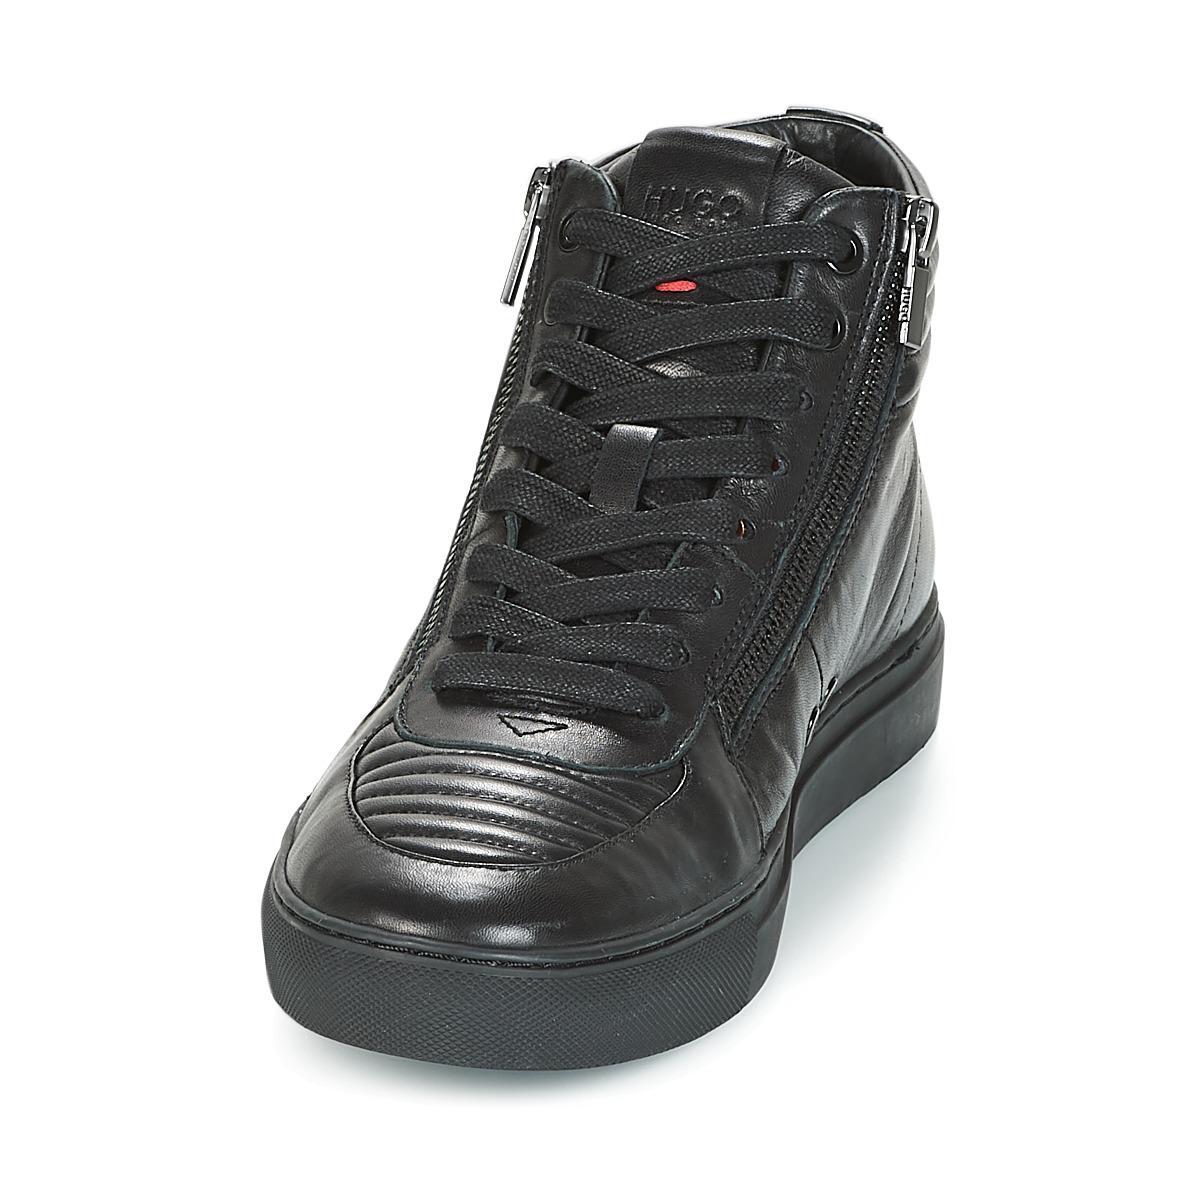 FUTURISM HITO MTZP1 hommes Chaussures en Noir HUGO pour